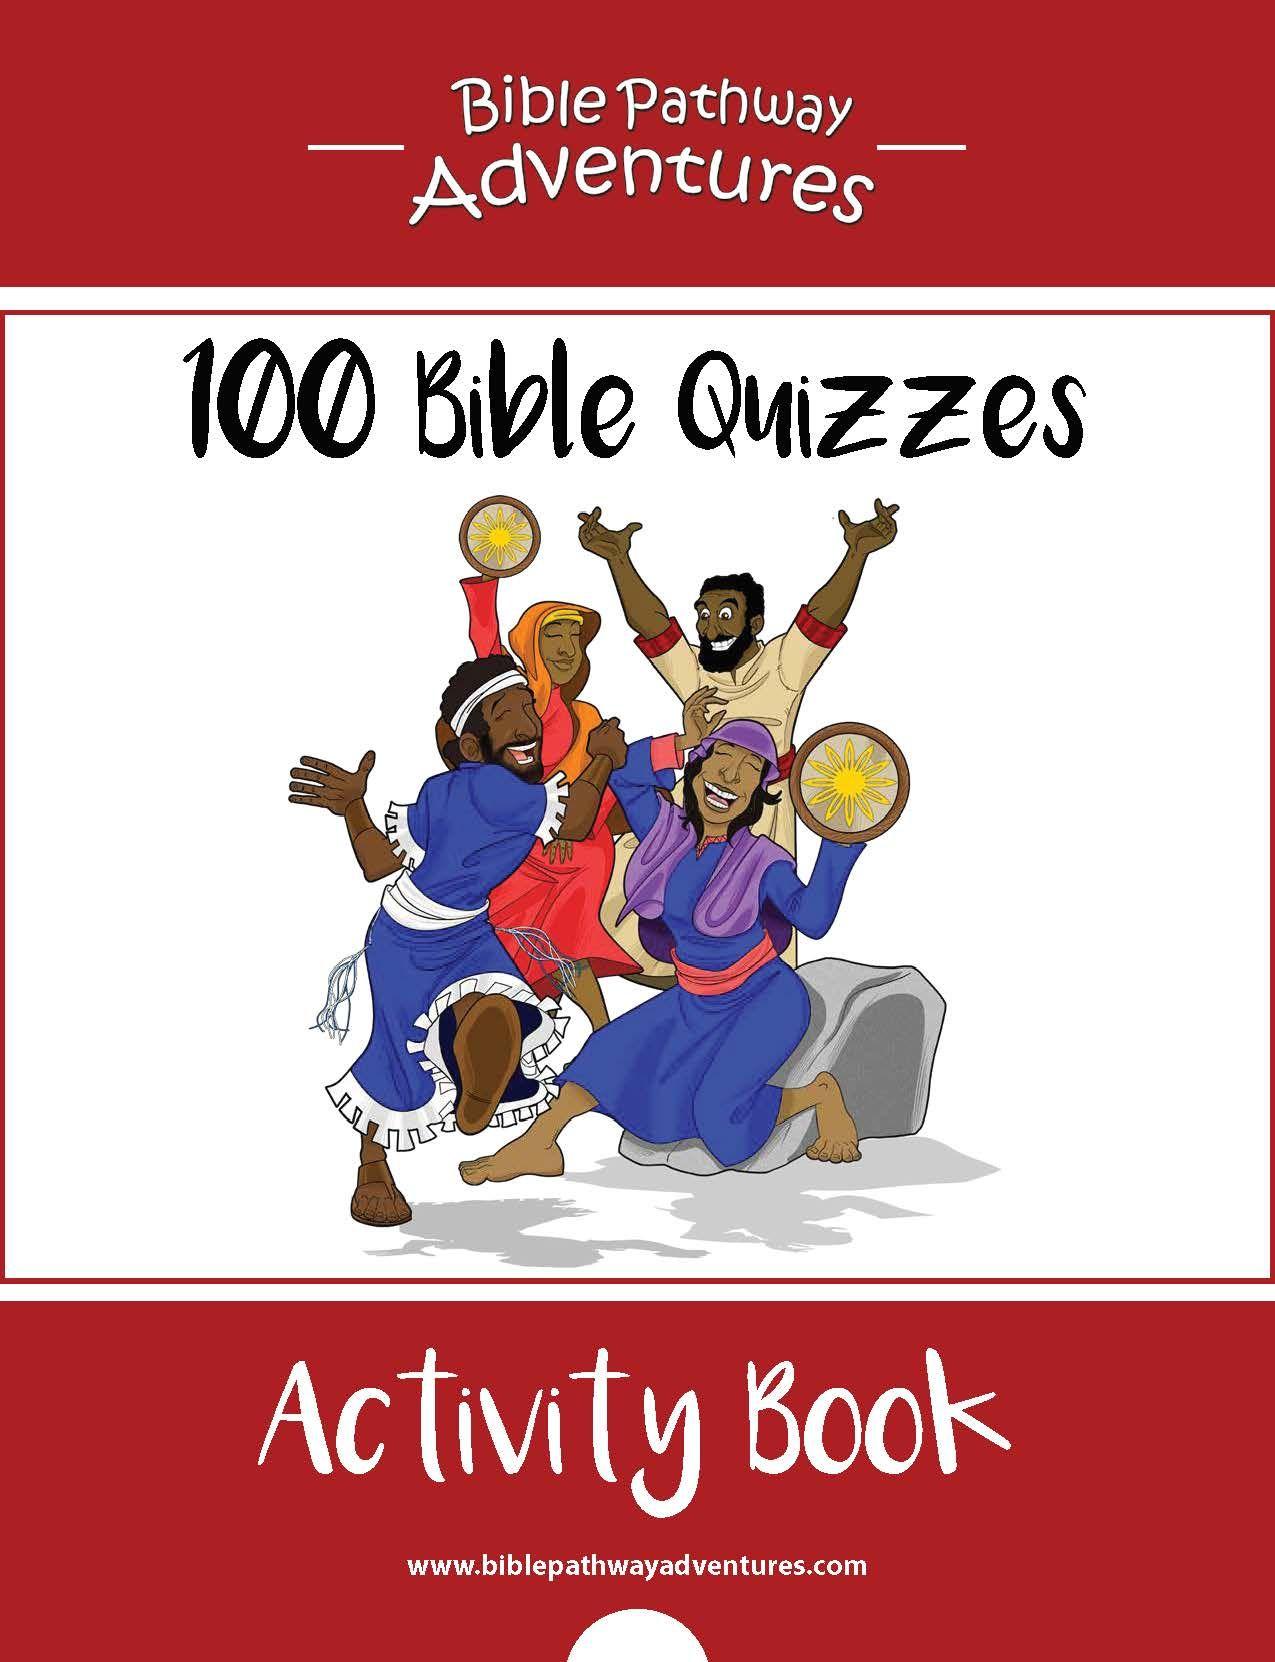 100 Bible Quizzes Activity Book | Pinterest | Quizzes, Bible and ...